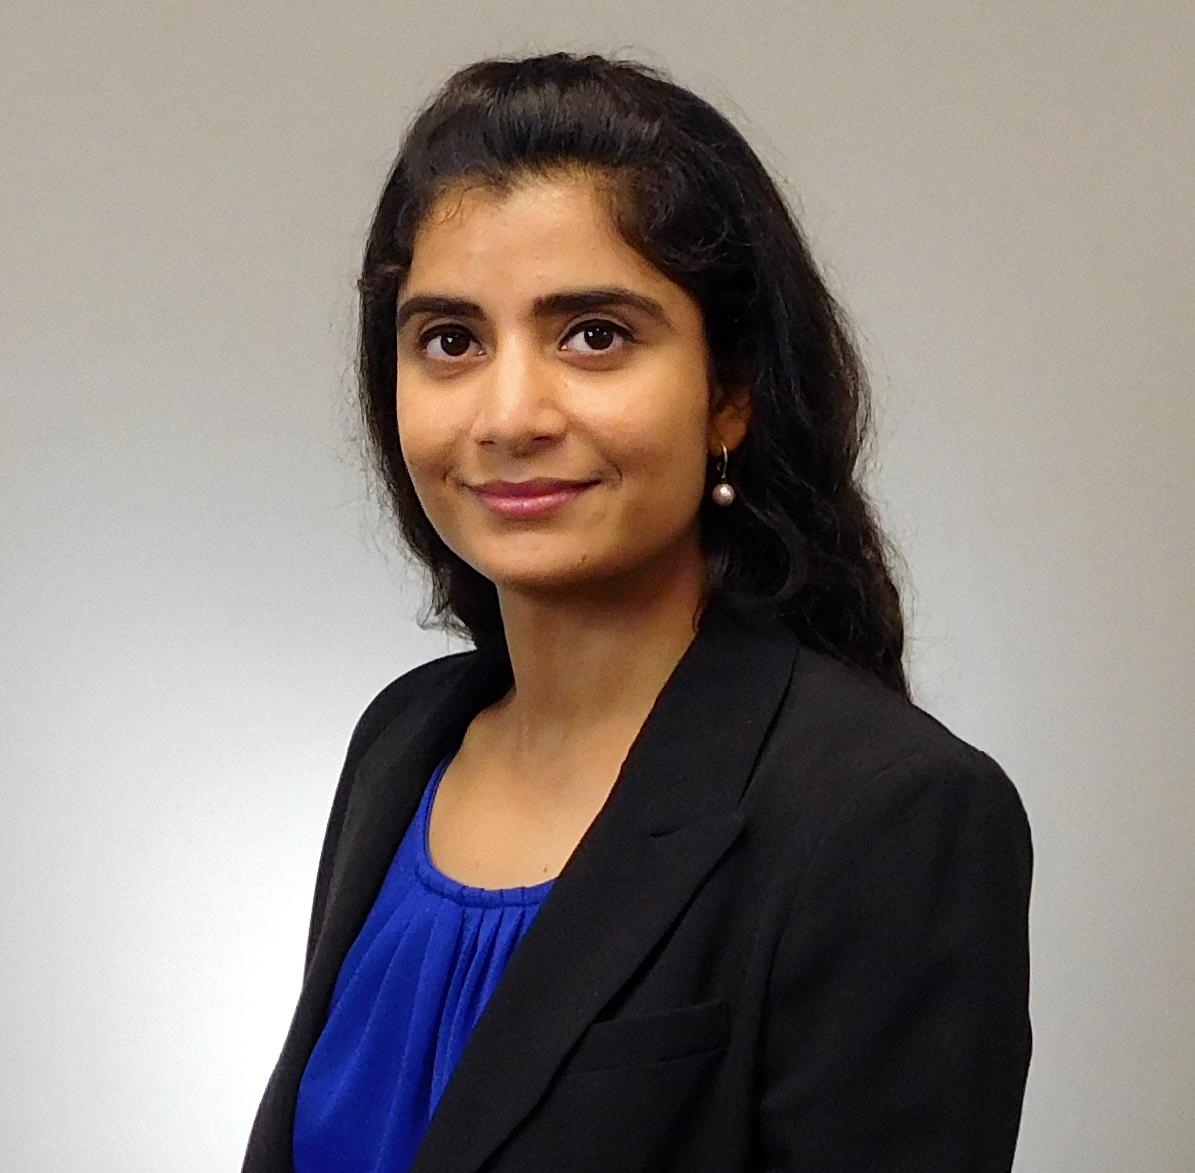 Dr. Laalitha Surapeneni